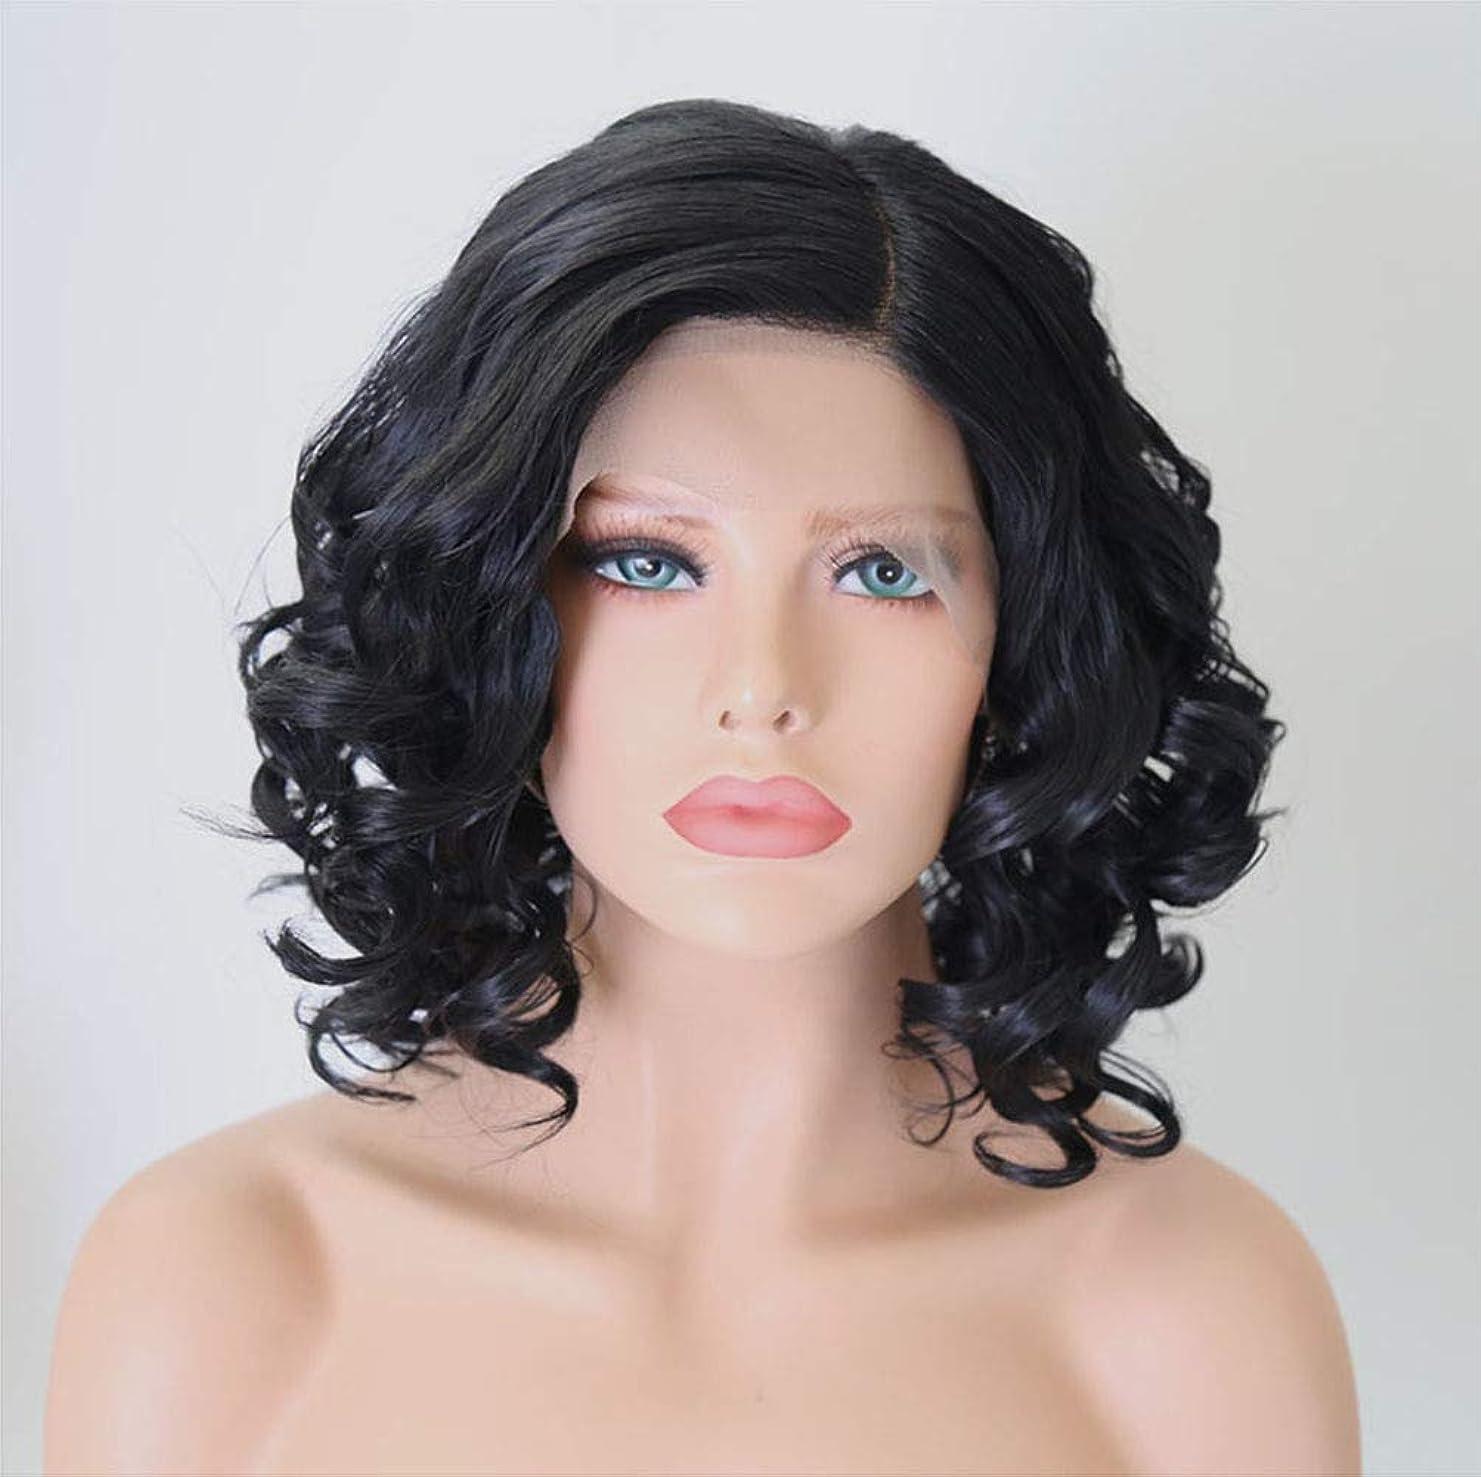 品太いピーク女性のためのフロントレースウィッグショートヘアナチュラルウェーブのかかった合成繊維ウィッグ黒12インチ